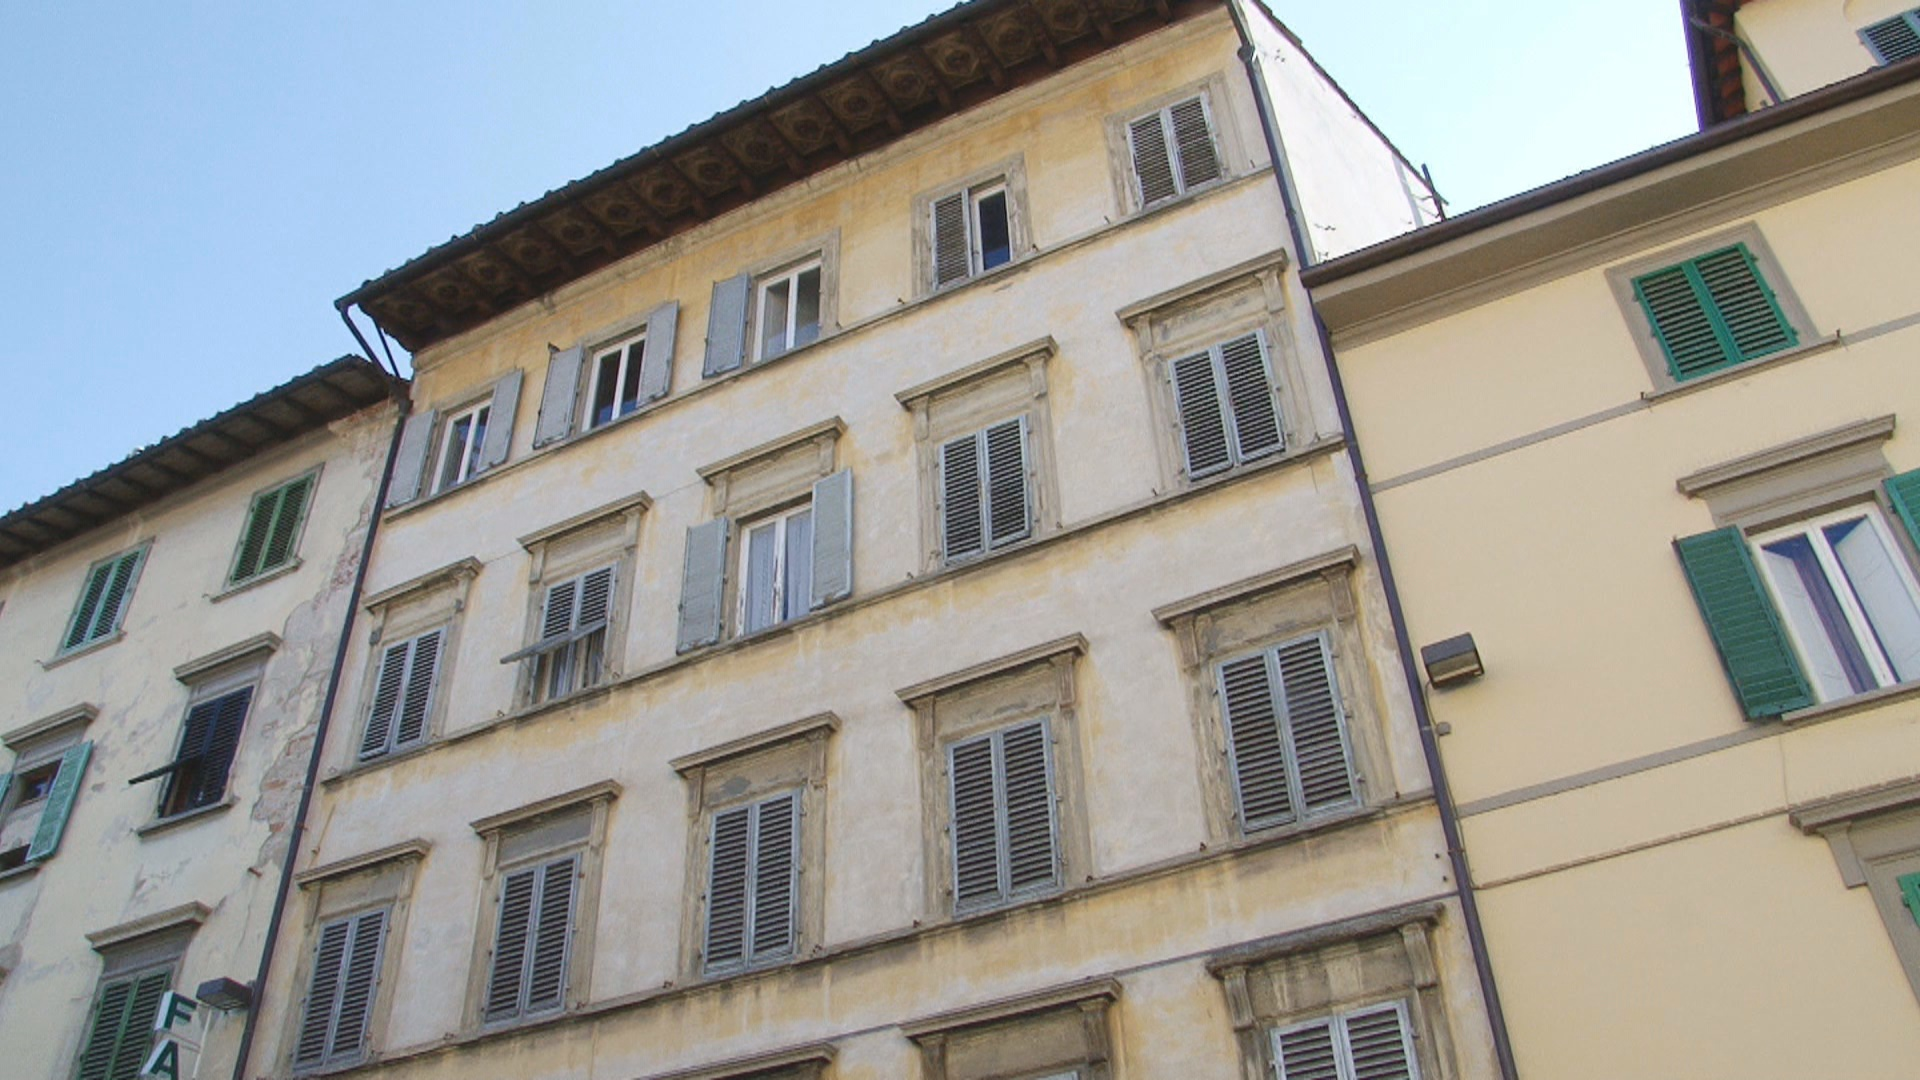 Compravendita immobiliare commercialista4u for Contratto di compravendita immobiliare